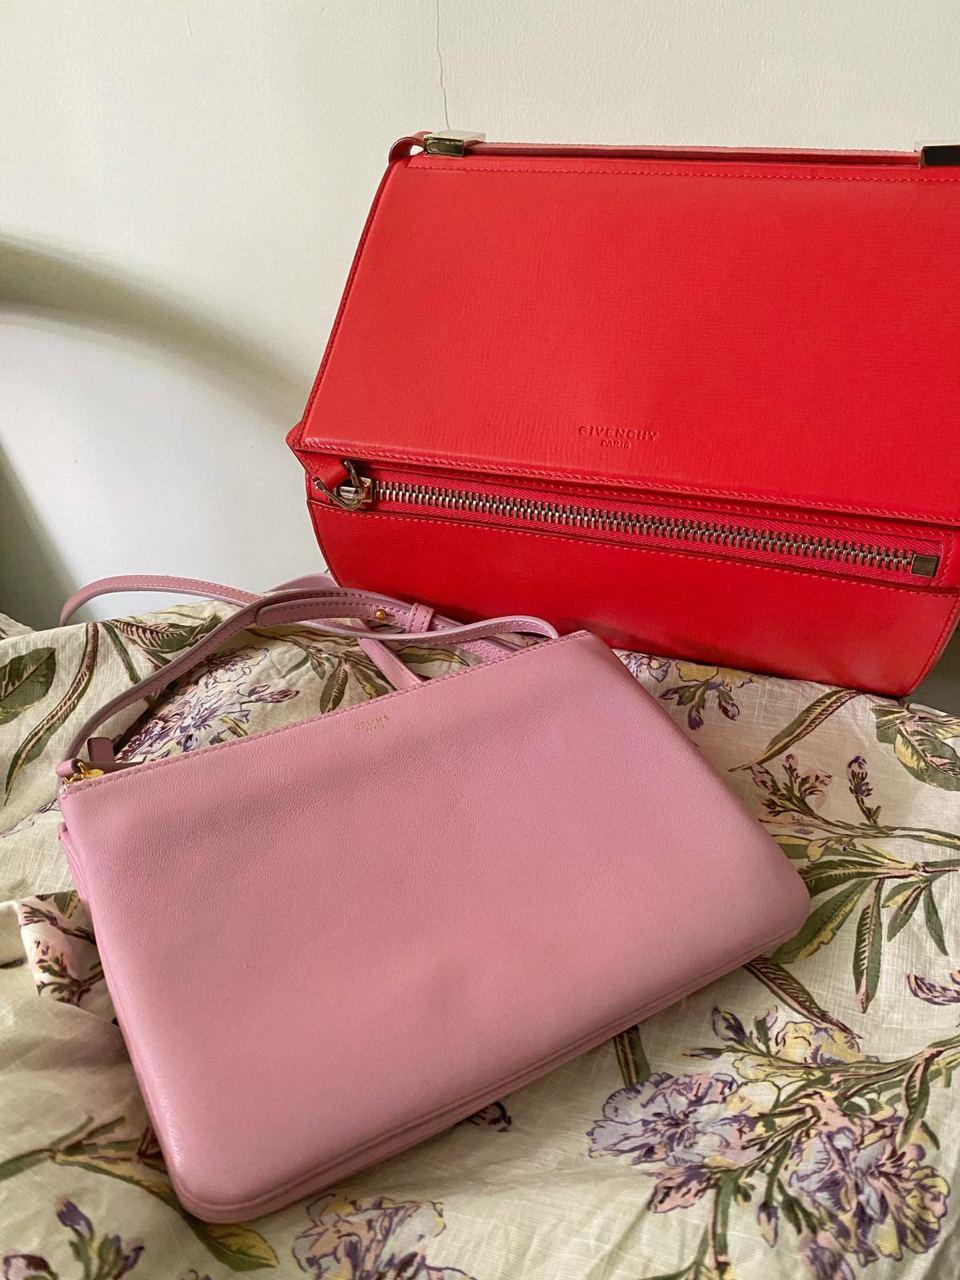 Branded goods - Celine Trio bag and Givenchy Pandora box bag